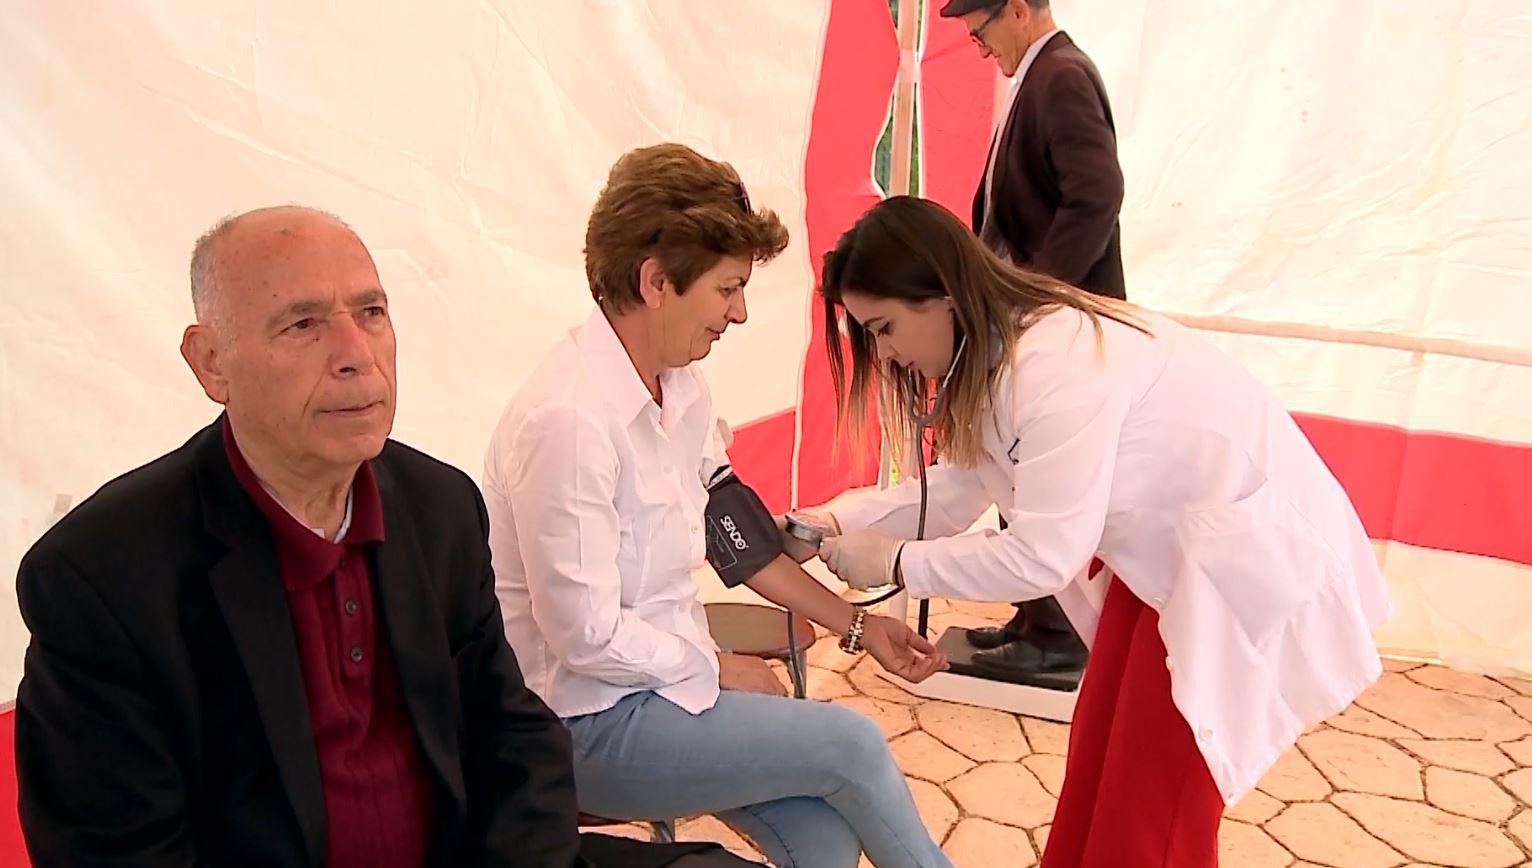 Sëmundjet që prekin shqiptarët, publikohen të dhënat e Chek-Up